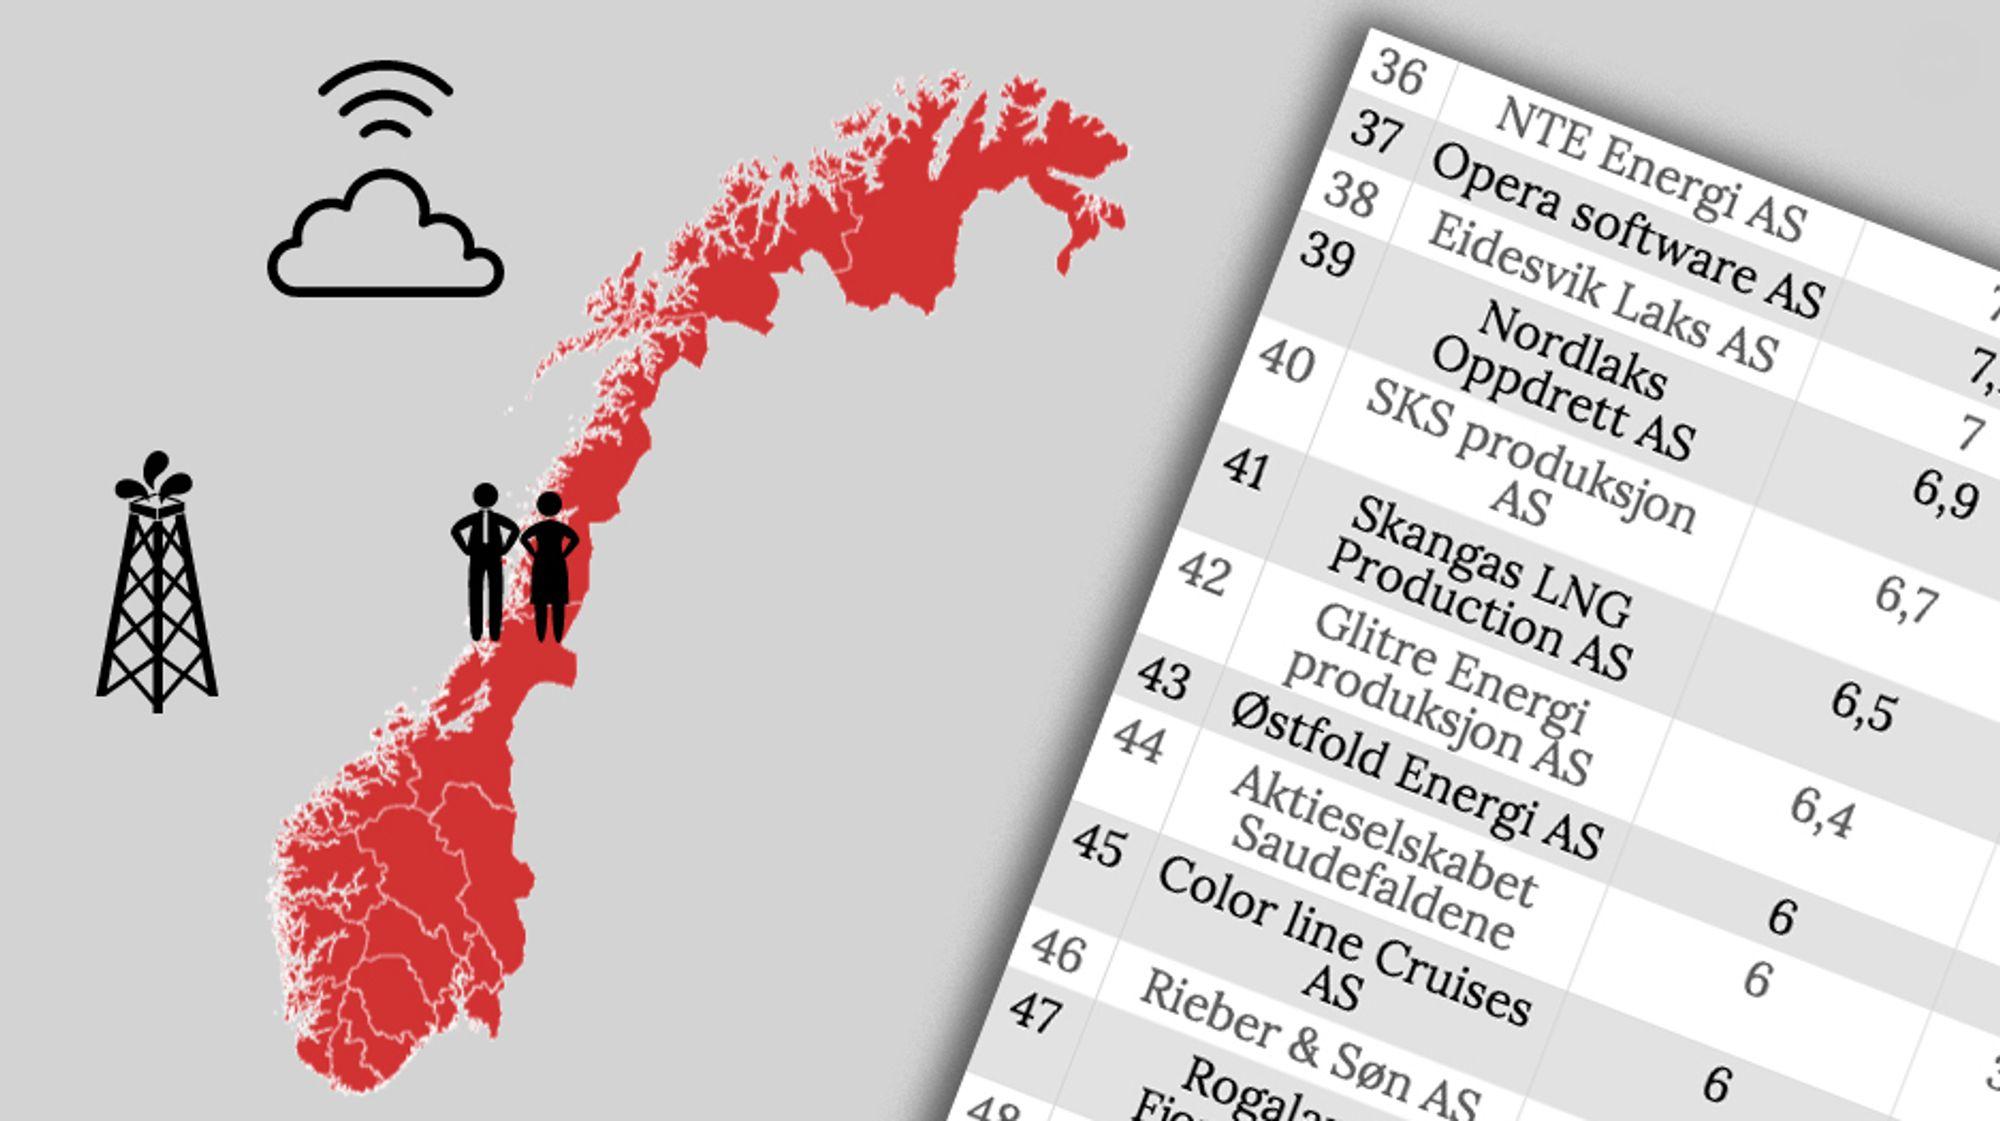 Søk i vår topp-liste over Norges største teknologiselskaper.